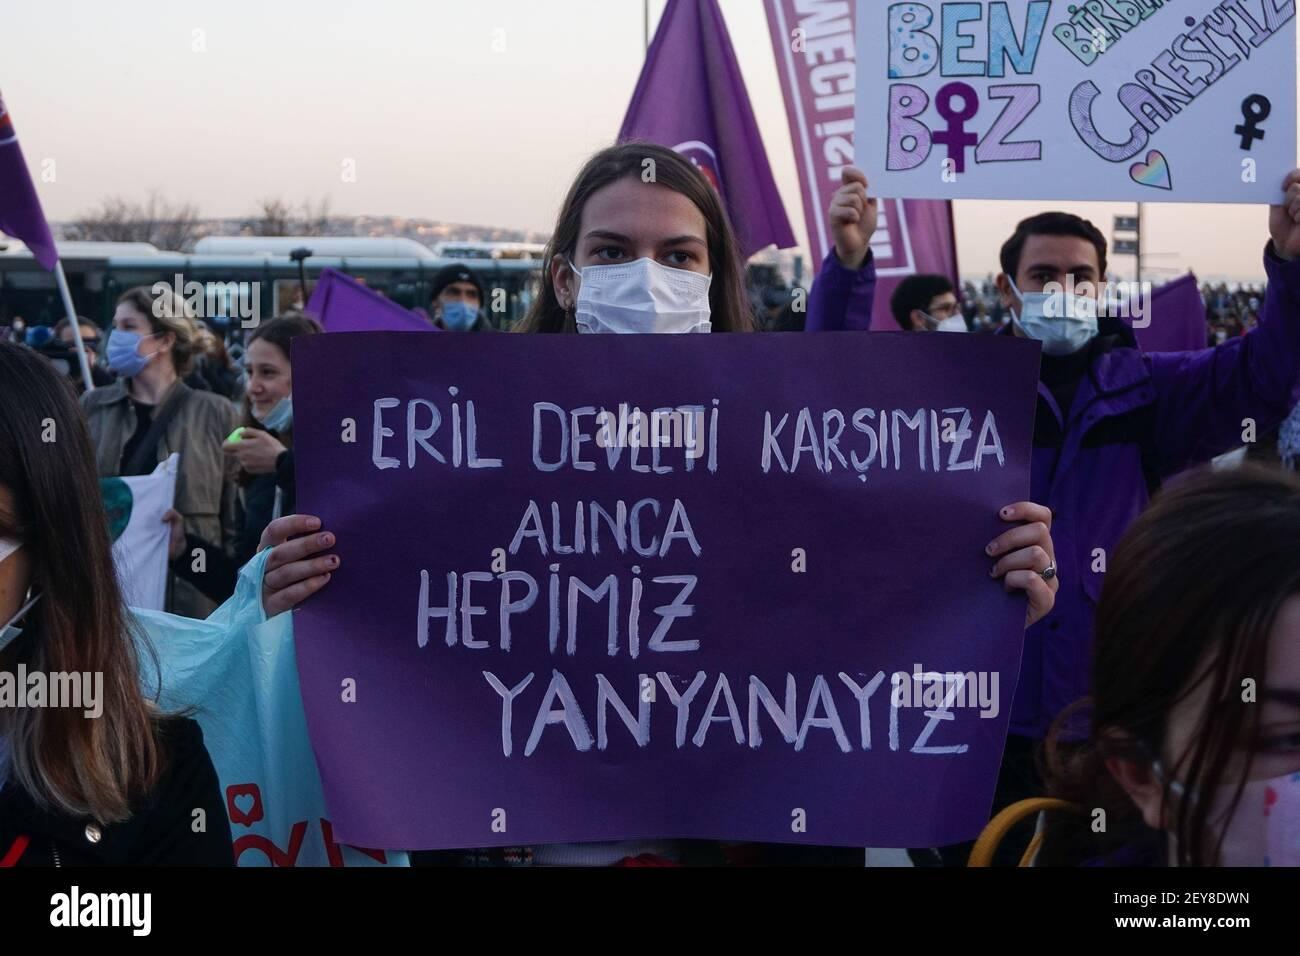 Un manifestant tient un écriteau disant que nous sommes tous côte à côte contre l'État masculin pendant la manifestation.les communautés de femmes ont protesté contre la violence contre les femmes. Les femmes ont exigé la mise en œuvre de la Convention d'Istanbul. Le groupe a également noté les droits lgbti+ qui ne sont pas pratiqués en Turquie. Banque D'Images